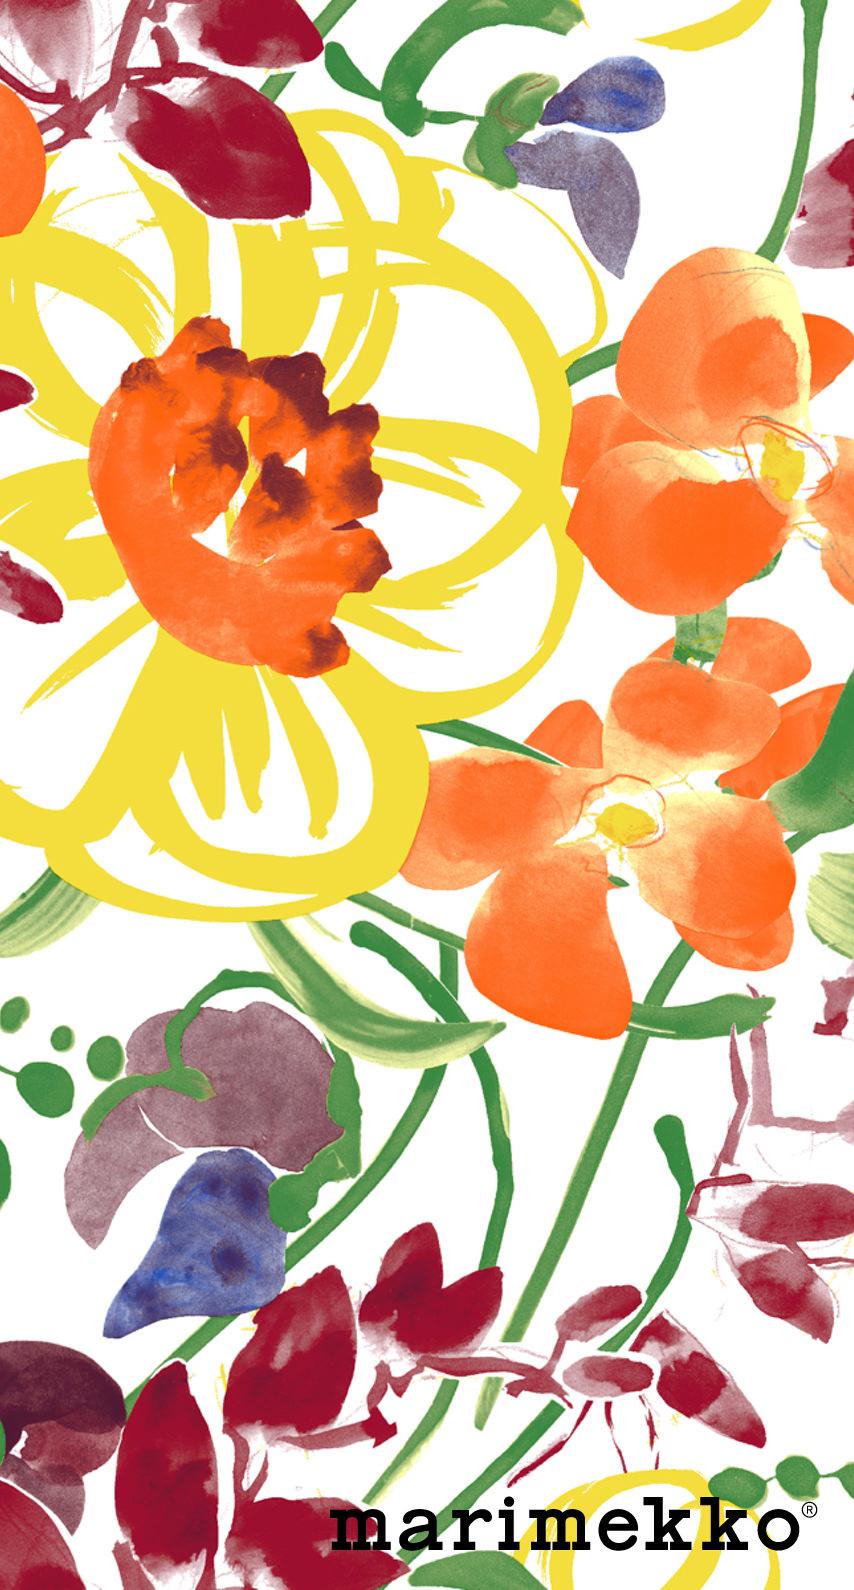 マリメッコ 花柄3 マリメッコ Marimekko Iphoneスマホ壁紙